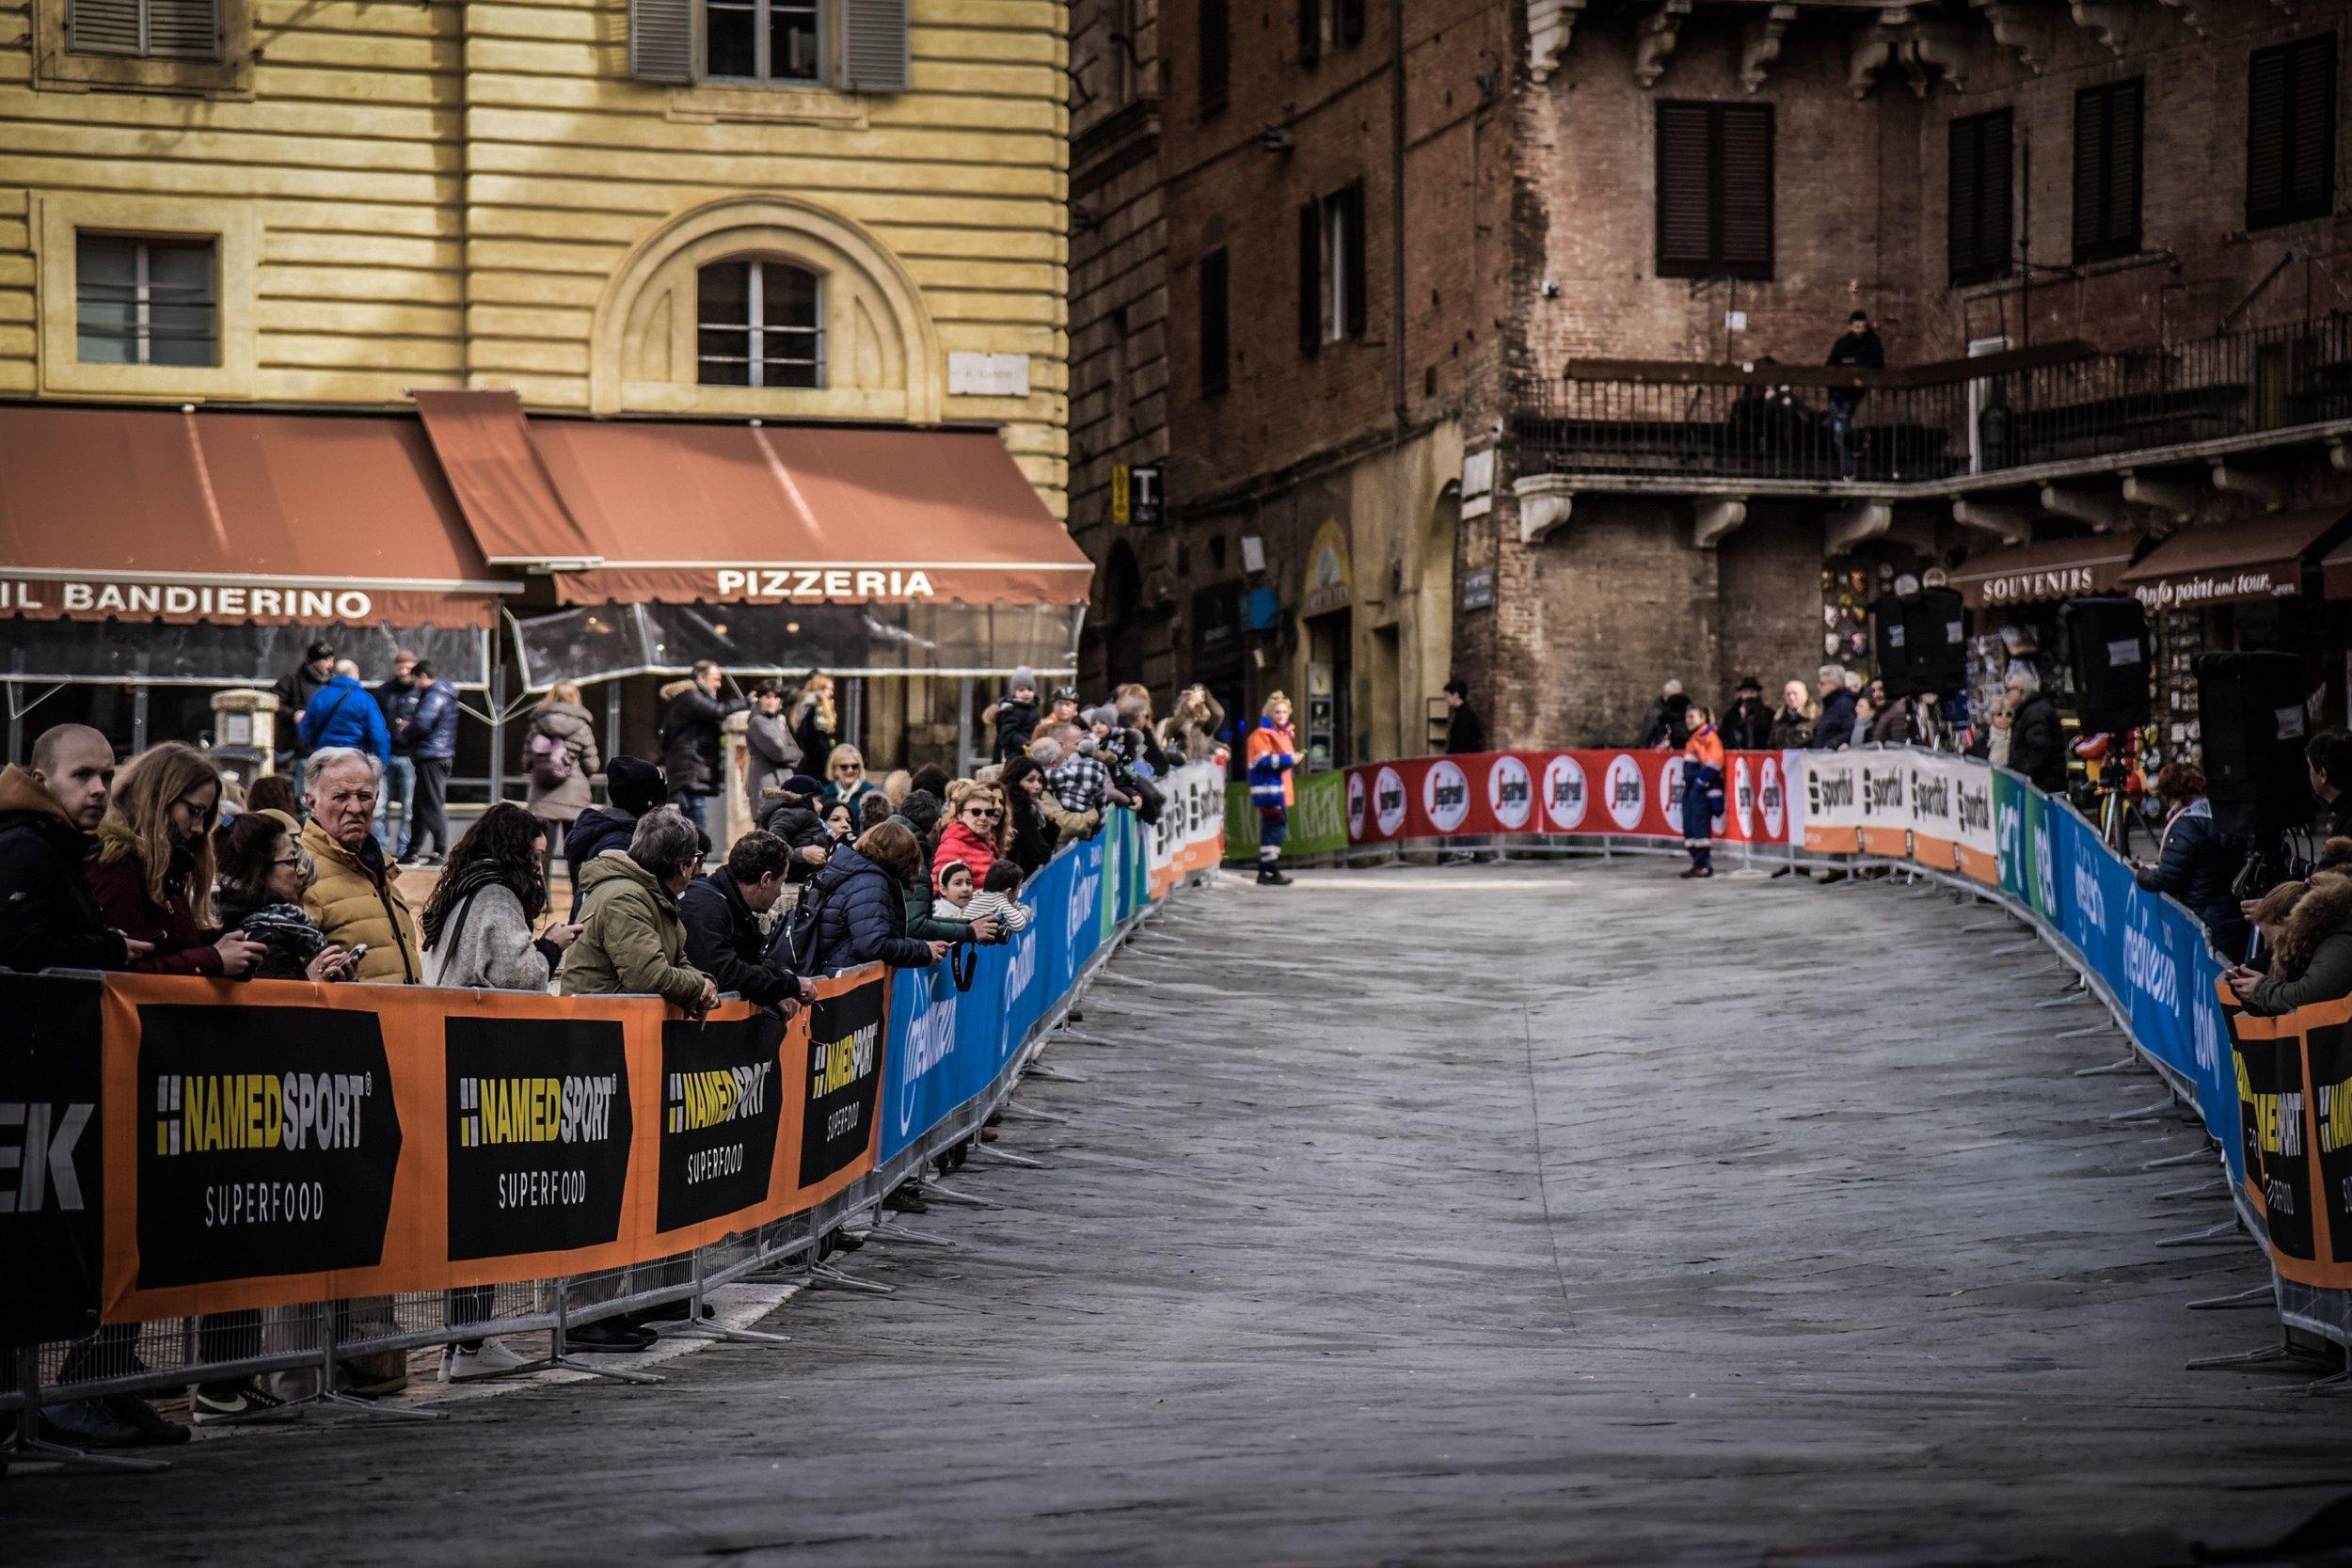 The finish line in Piazza del Campo, Siena. Photograph: Sportograf.com